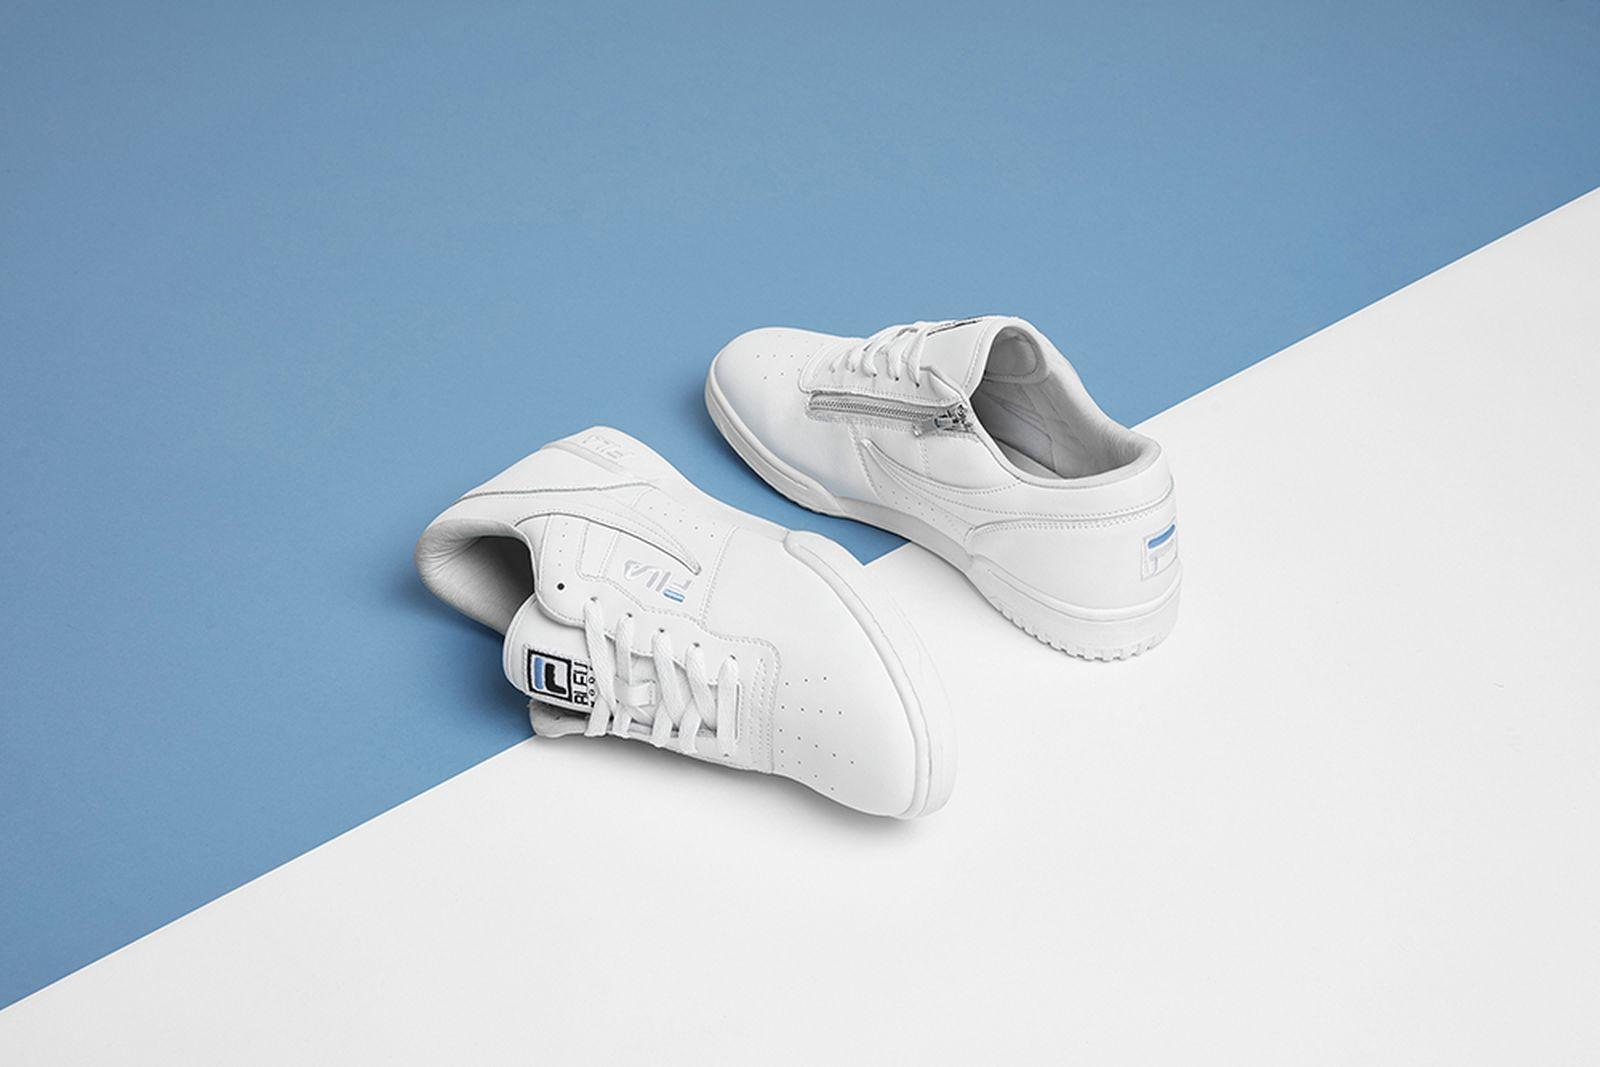 bleu-mode-fila-original-fitness-zipper-release-date-price-01